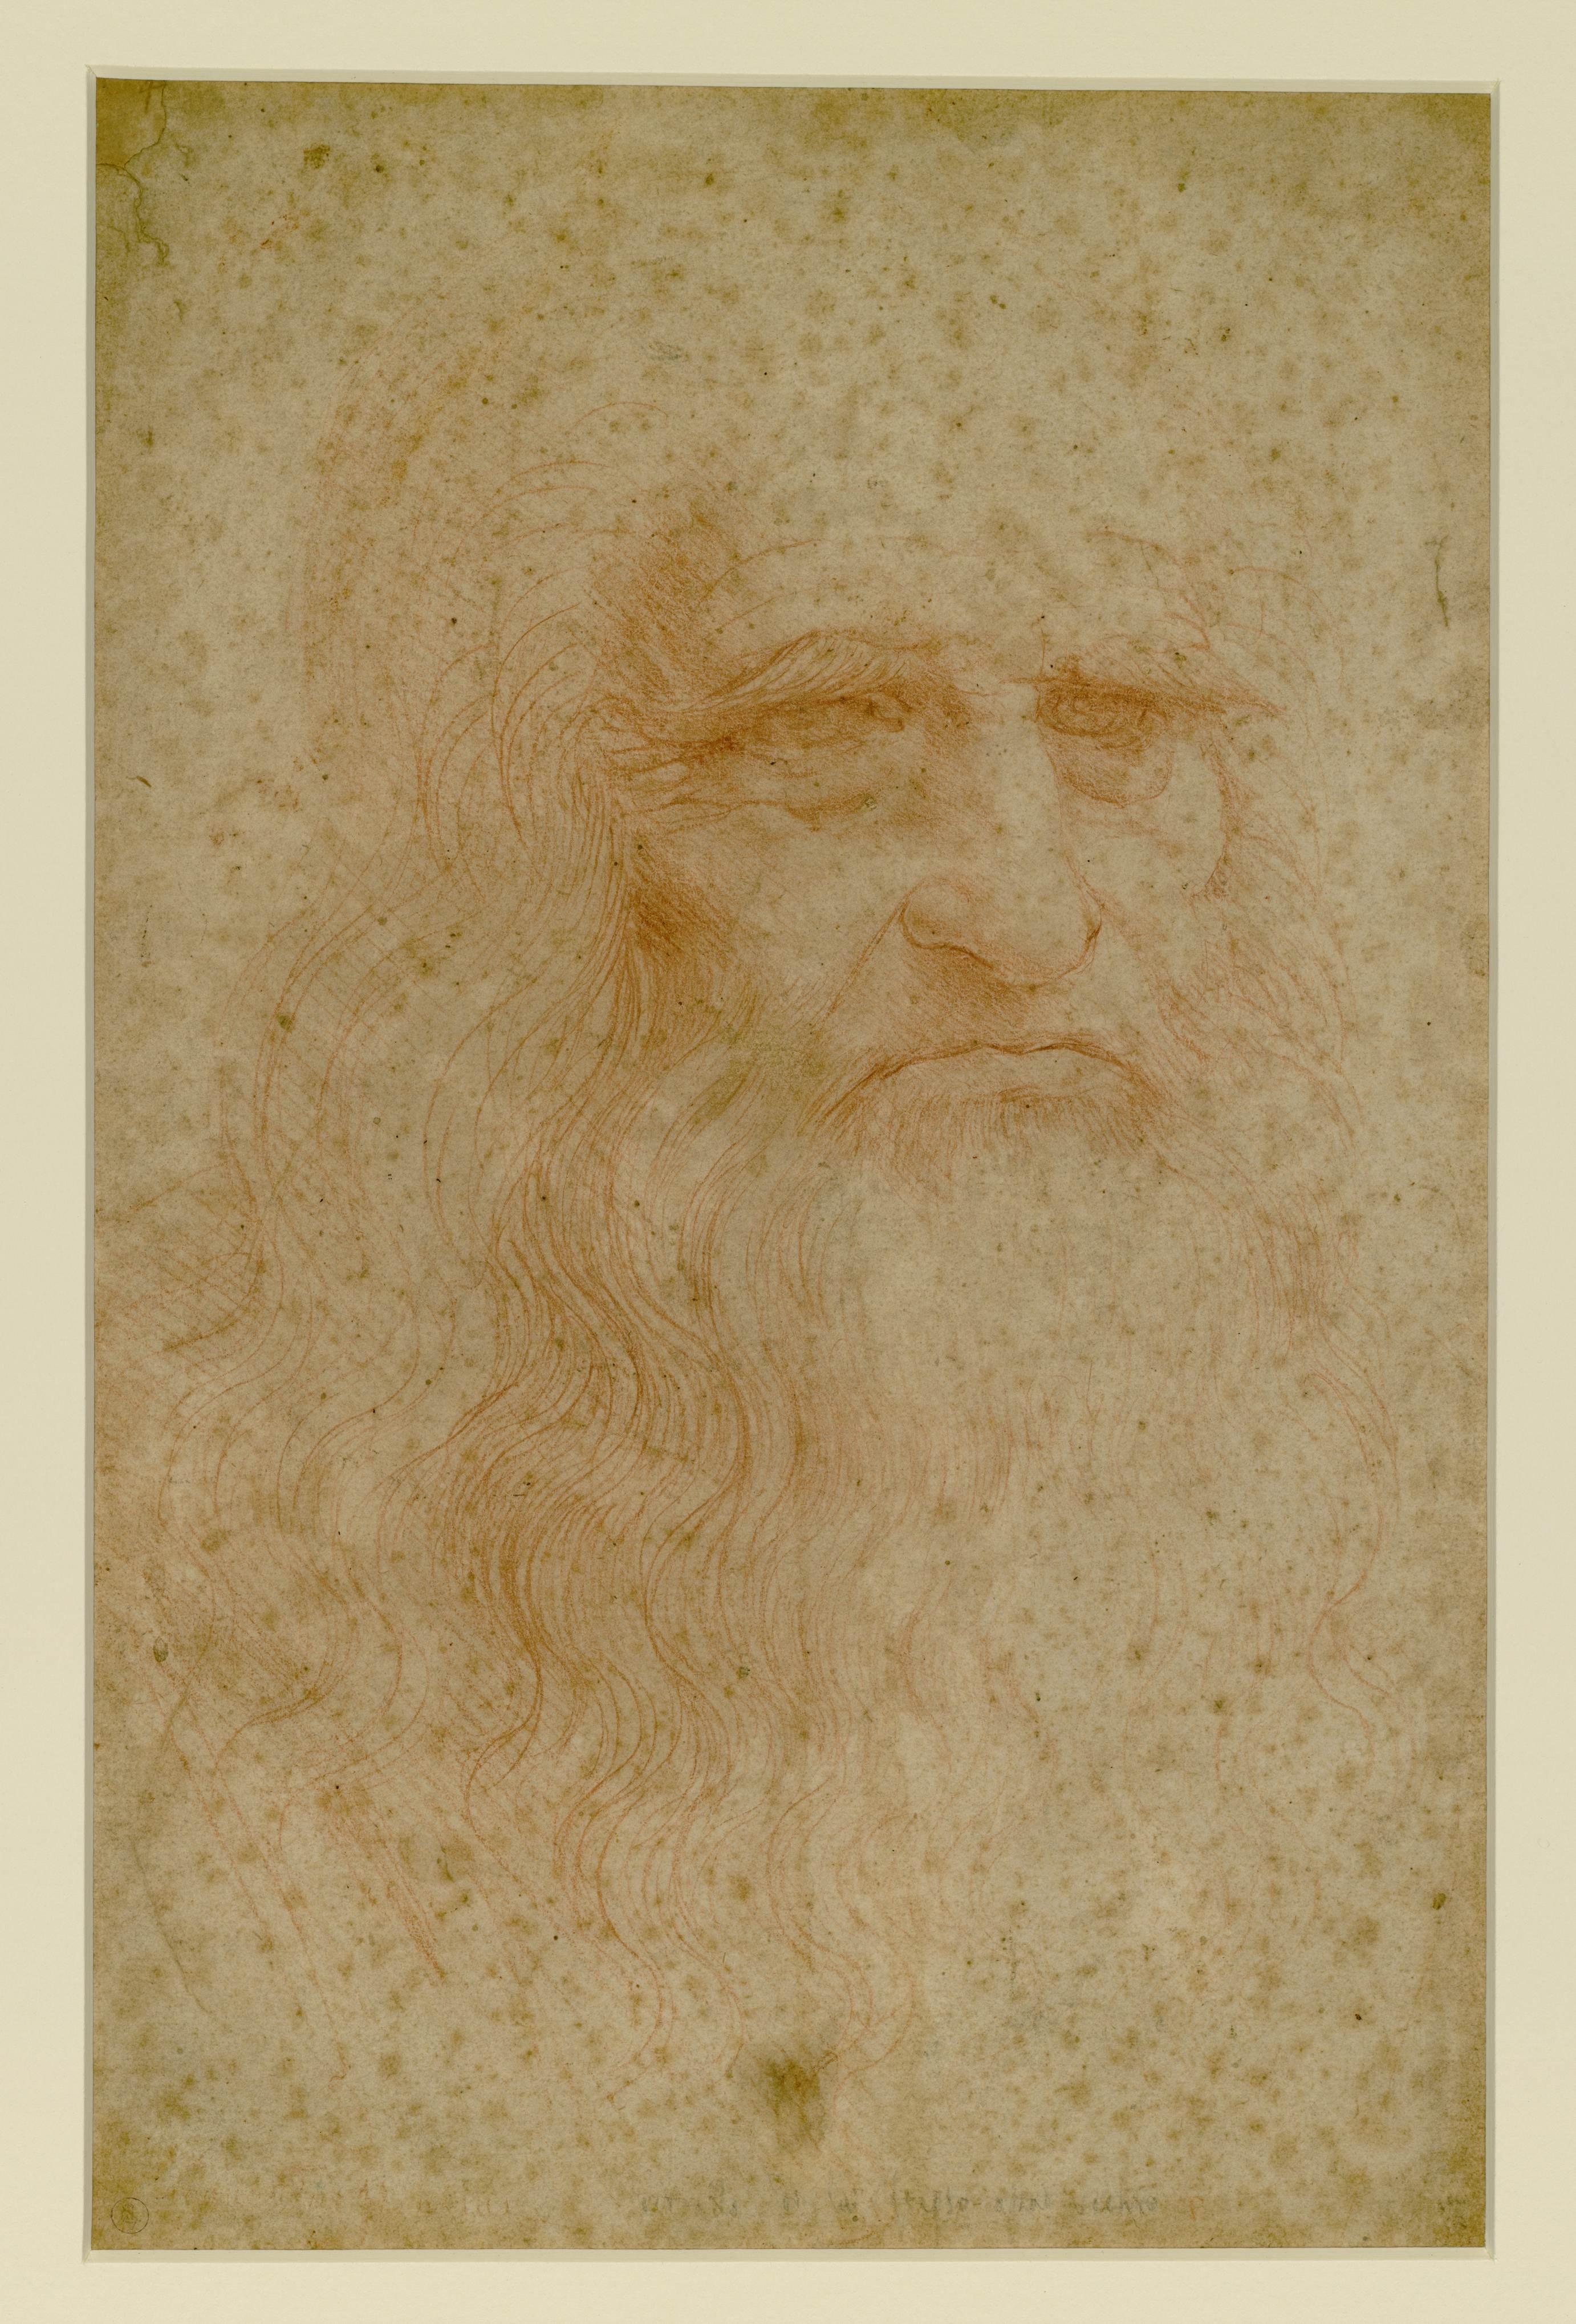 Self-portrait-Leonardo-da-Vinci-Leonardo-and-the-Kings-Treasures